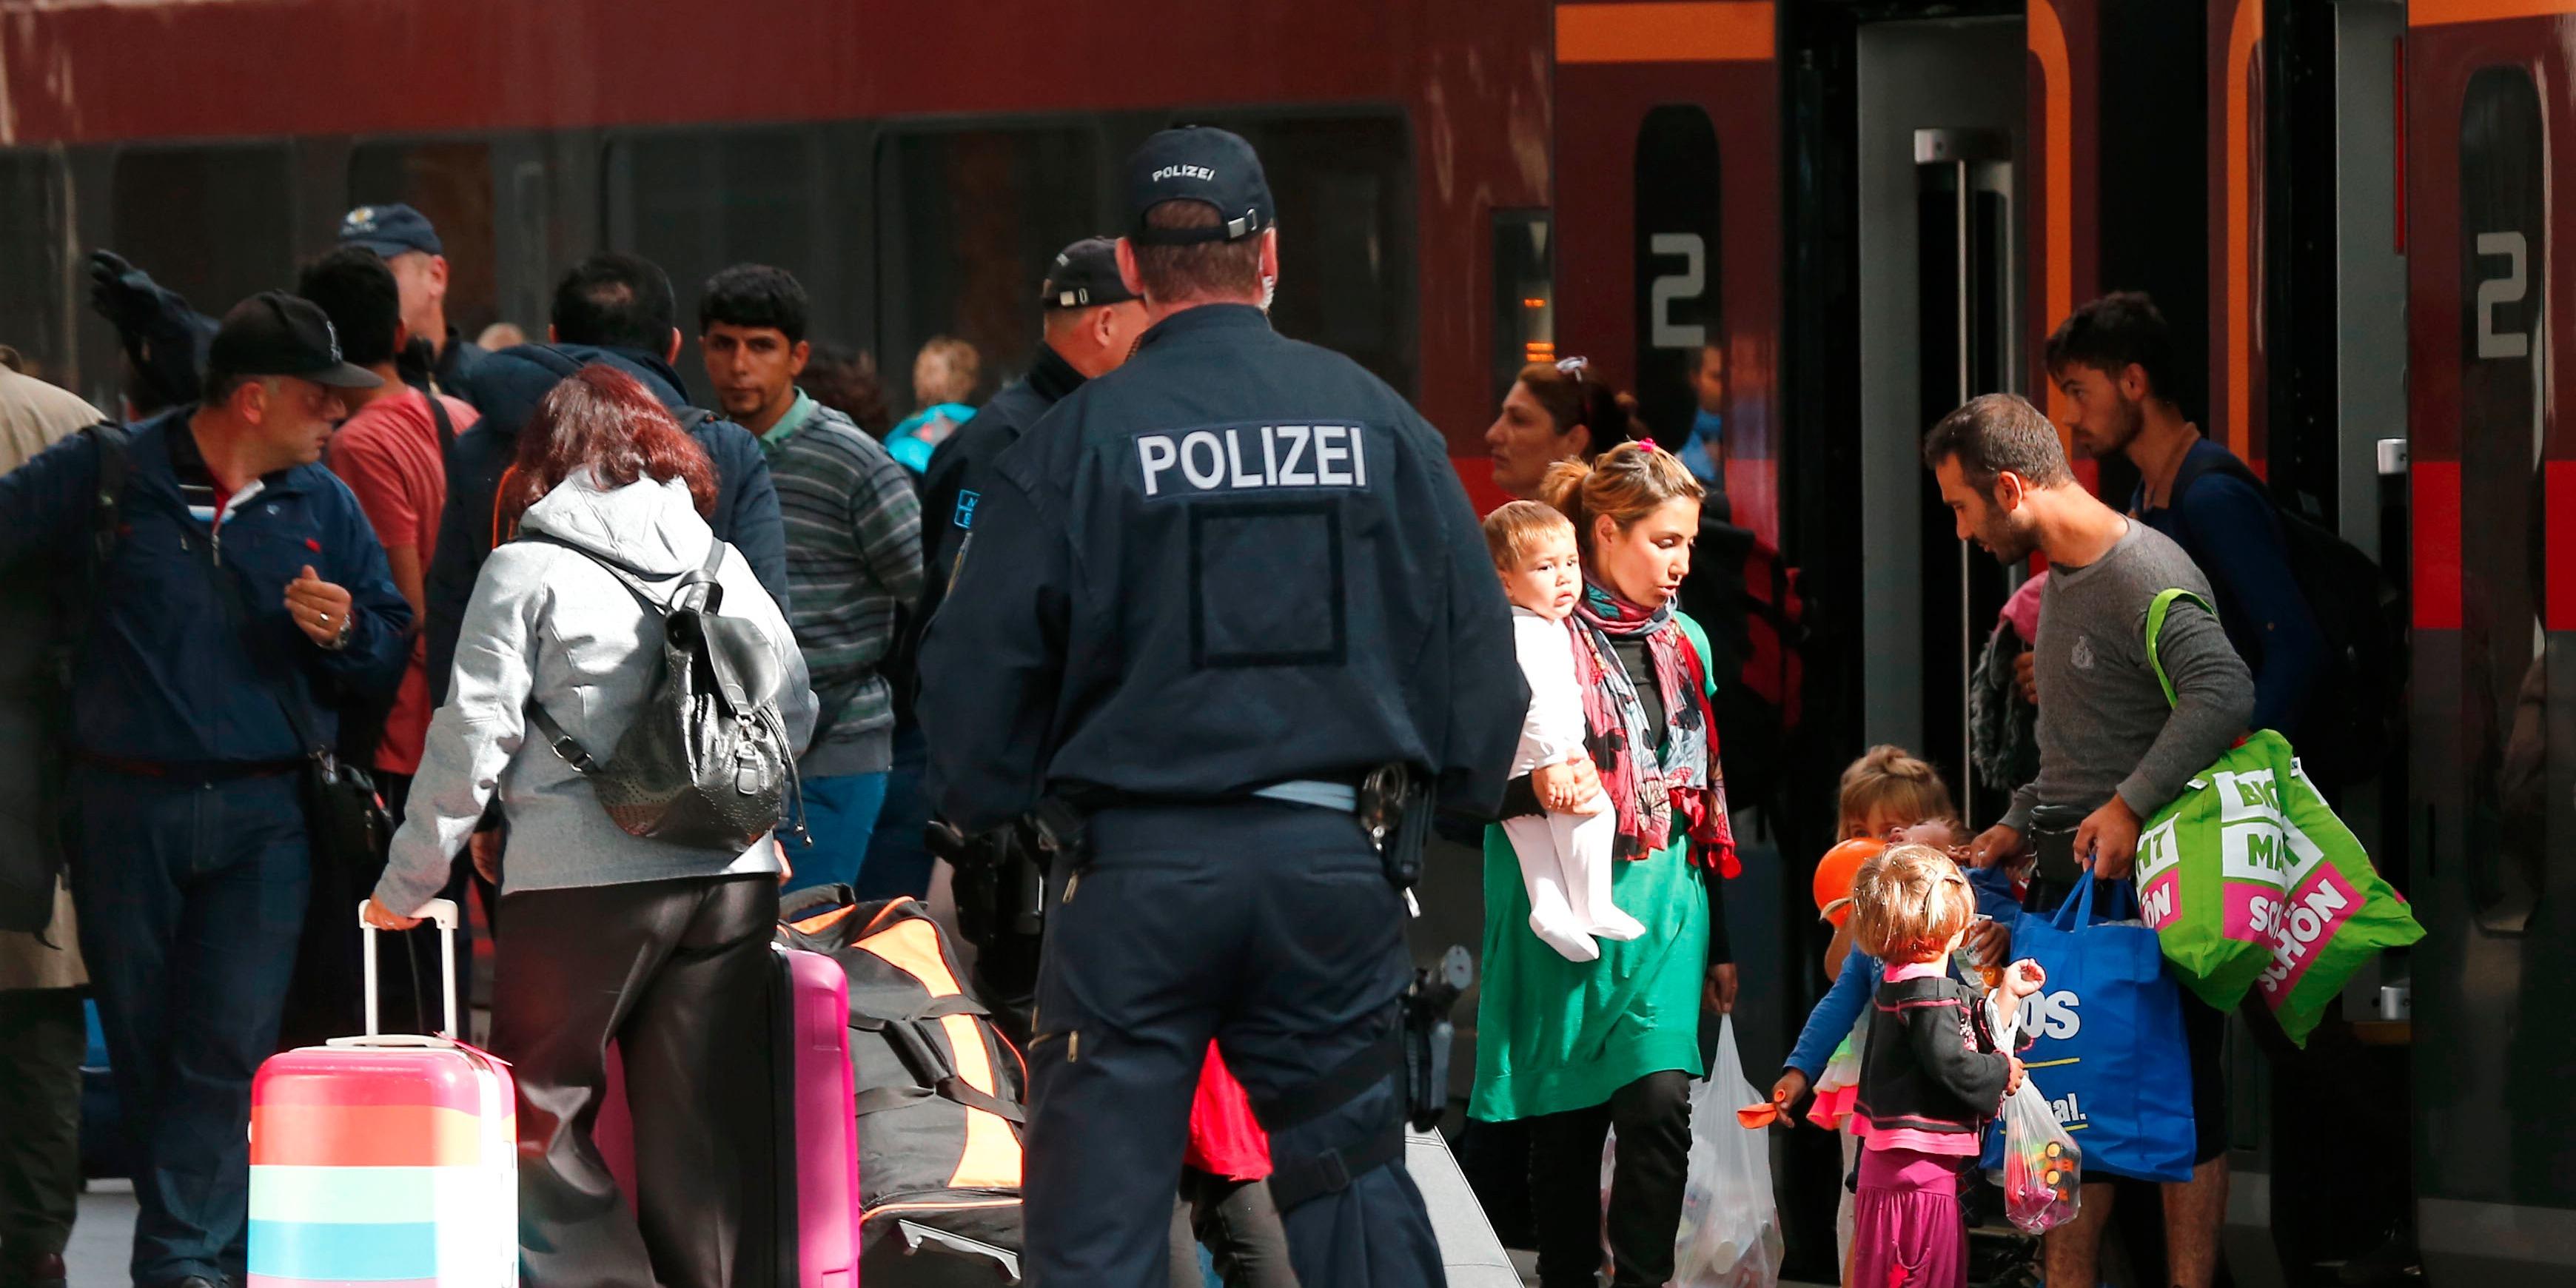 Γερμανία: 61.500 οι Αιτούντες Άσυλο μόνο για το Φεβρουάριο